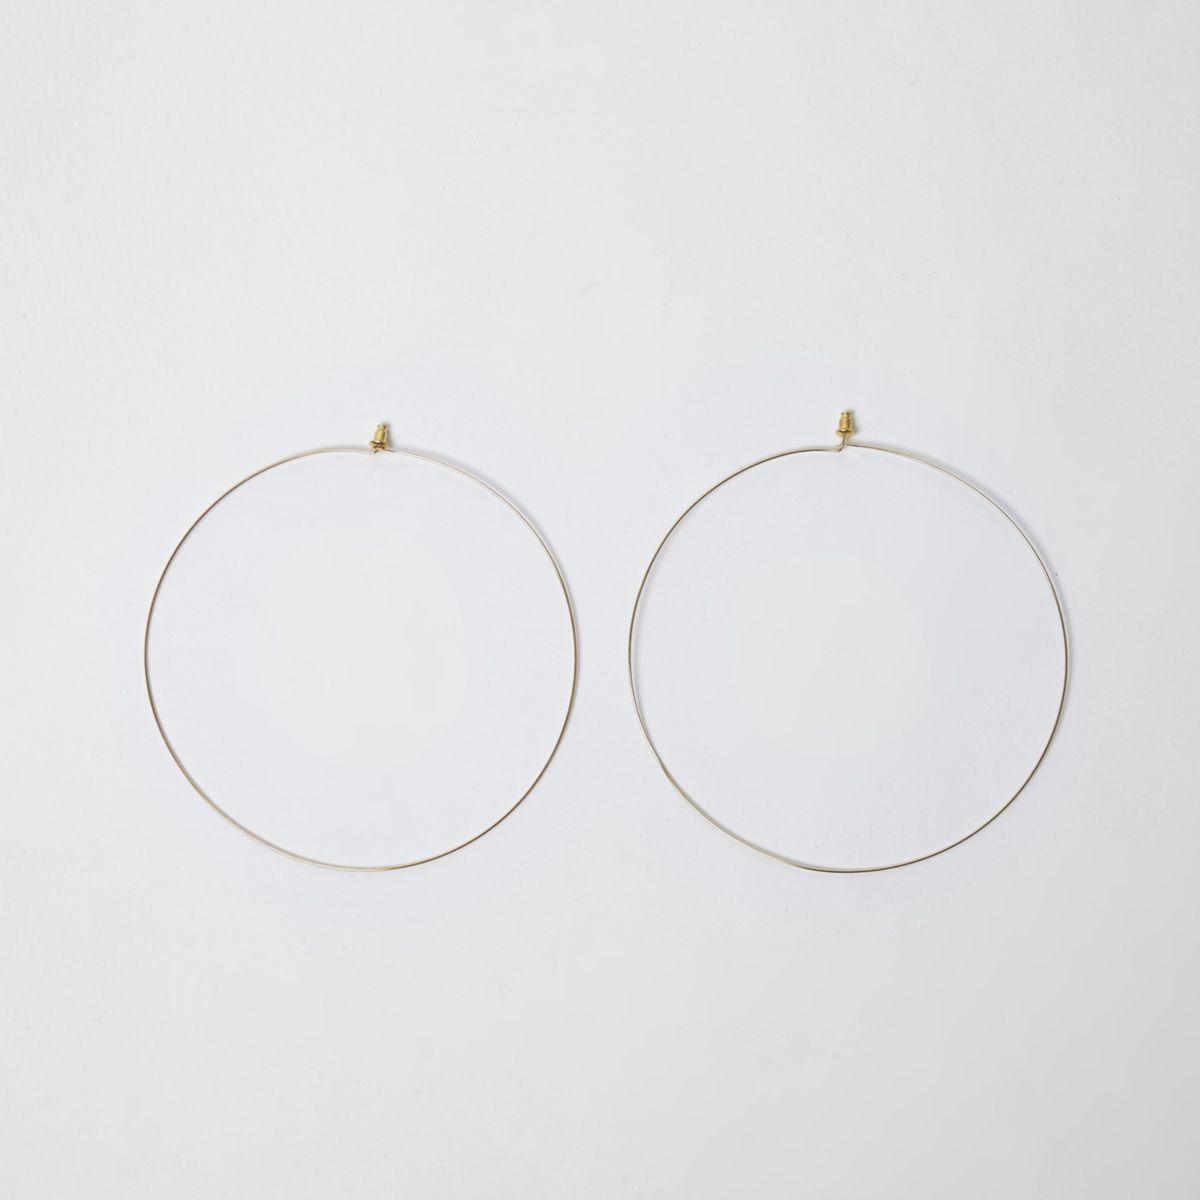 Gold tone oversized hoop earrings